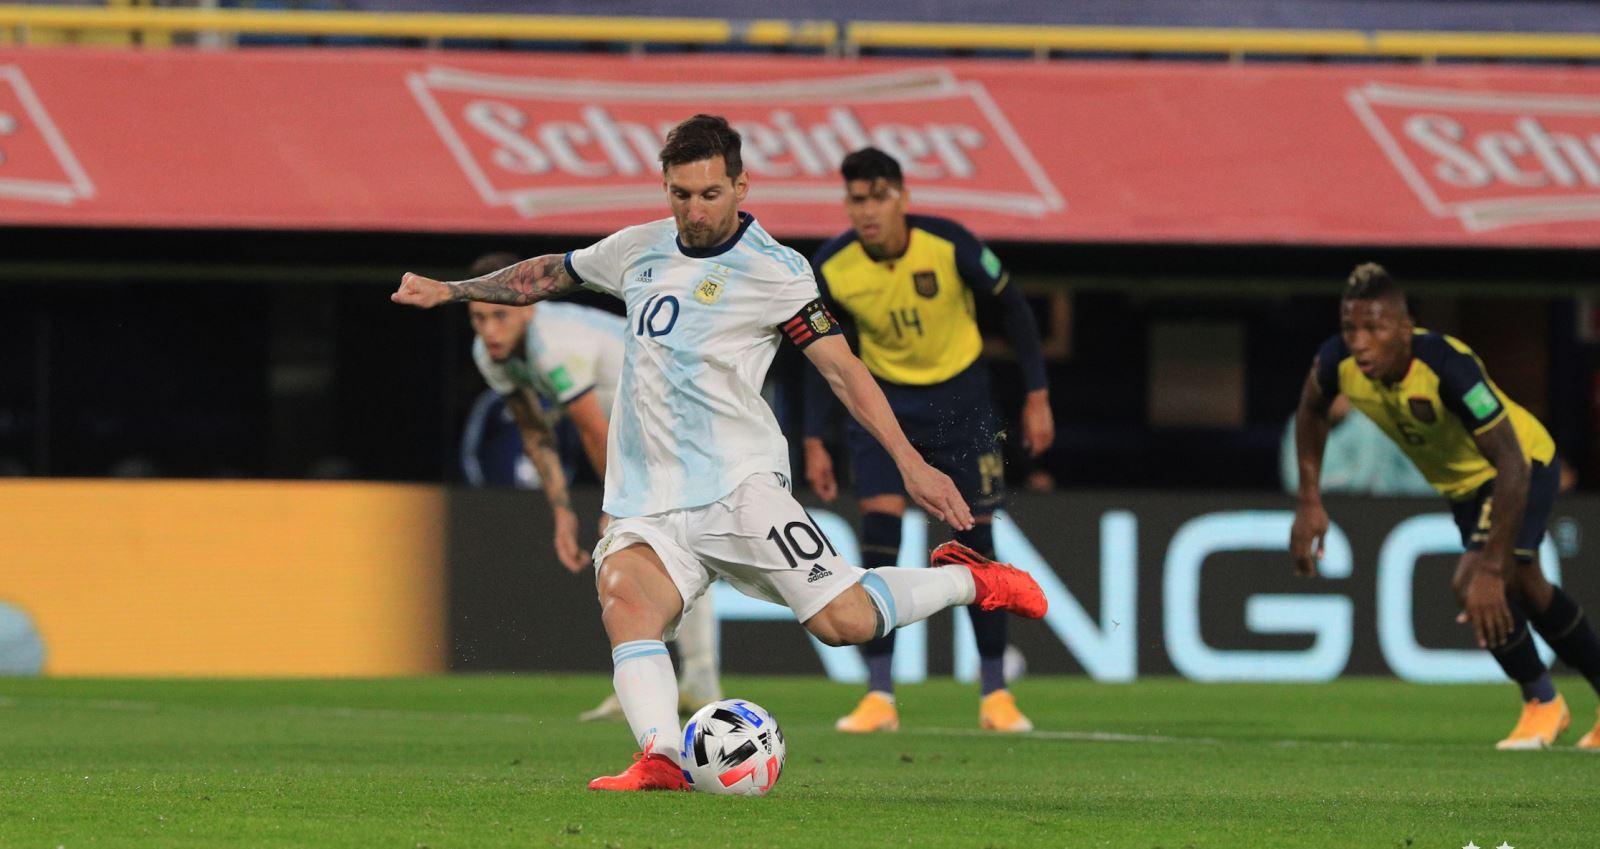 Argentina 1-0 Ecuador, kết quả bóng đá, Argentina, Messi, vòng loại World Cup, kết quả vòng loại World Cup khu vực Nam Mỹ, kết quả Arsenal đấu với ecuadorArgentina 1-0 Ecuador, kết quả bóng đá, Argentina, Messi, vòng loại World Cup, kết quả vòng loại World Cup khu vực Nam Mỹ, kết quả Arsenal đấu với ecuador